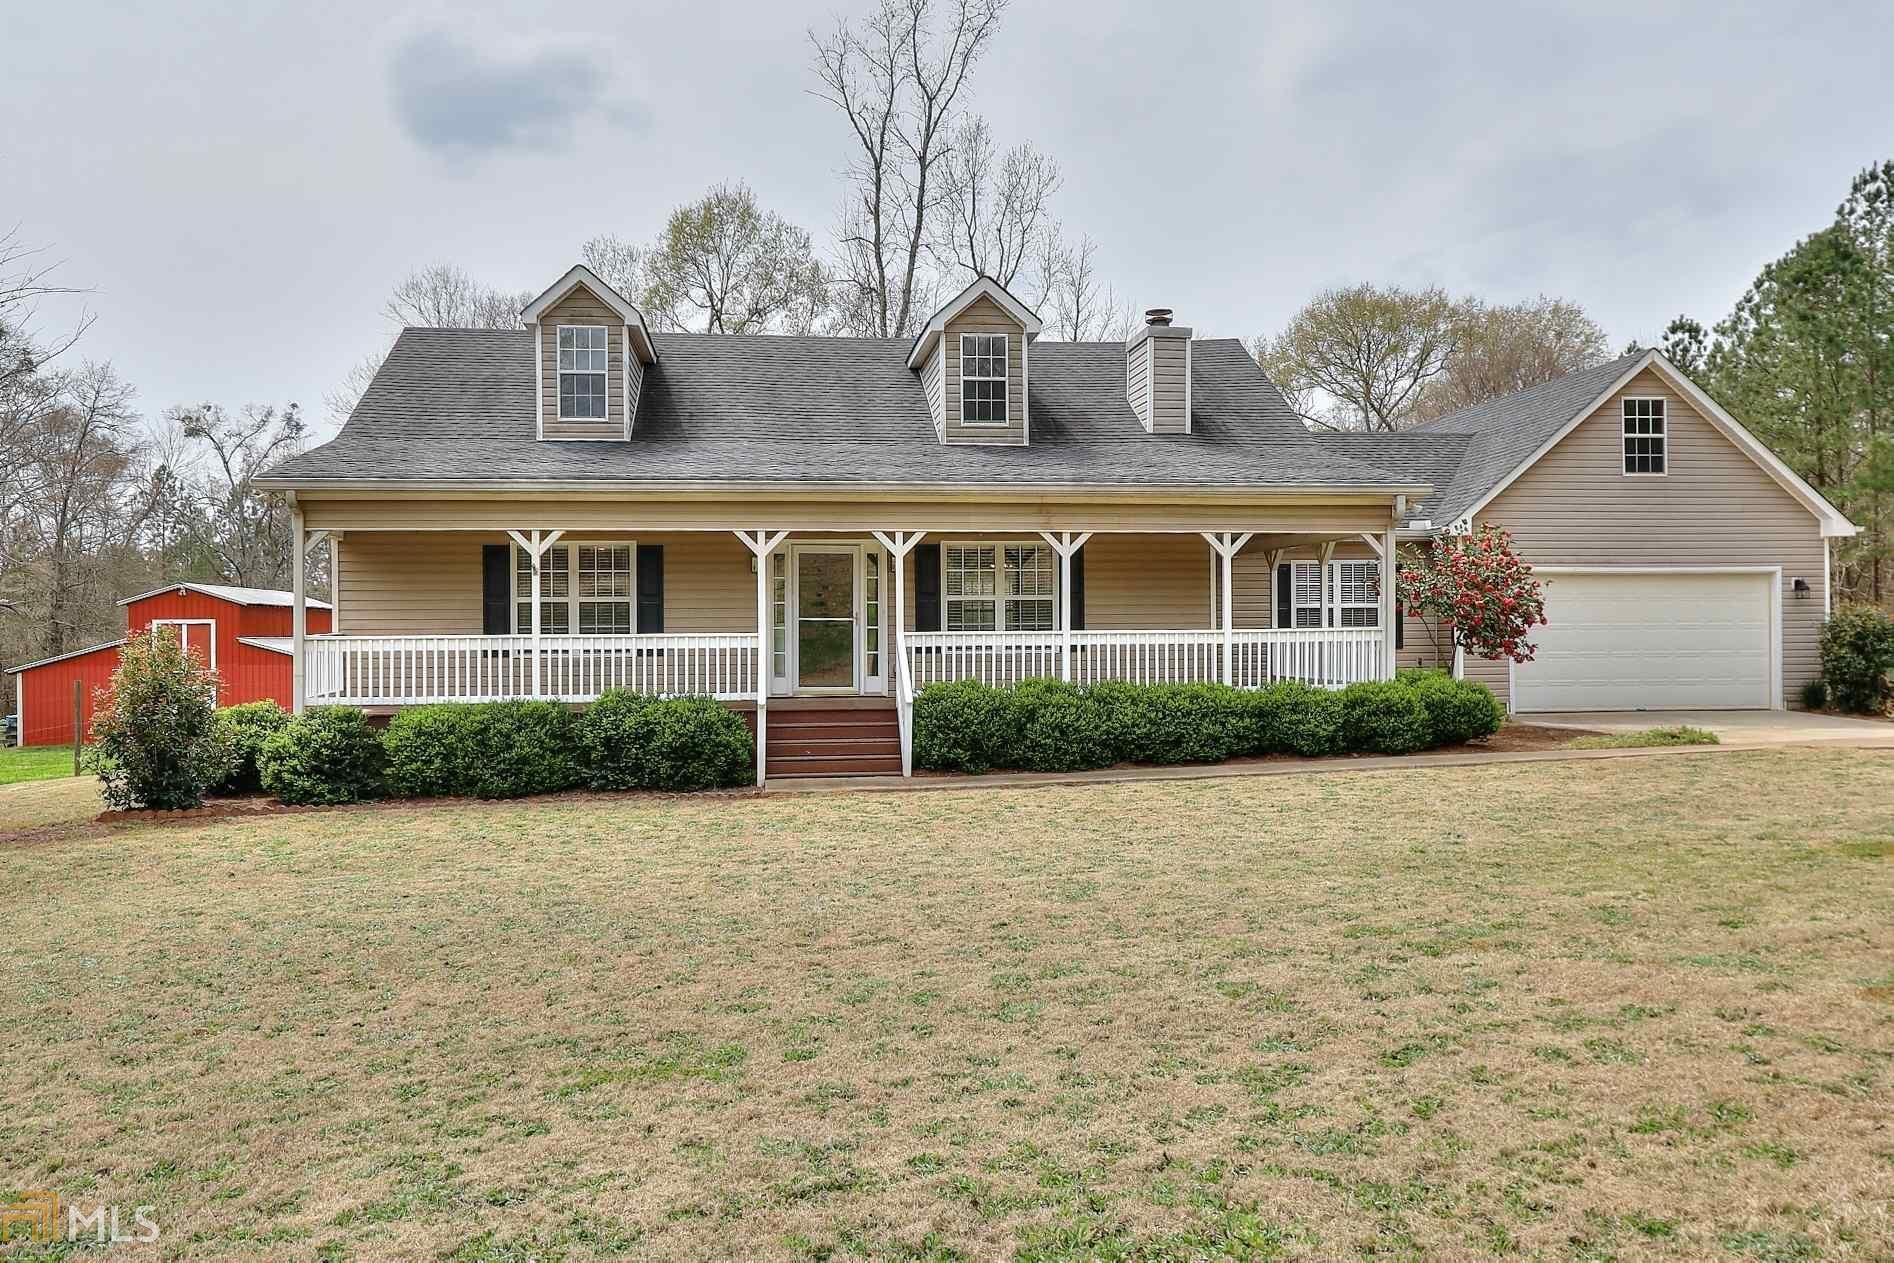 1567 Pitts Chapel Rd, Newborn, GA 30056 - MLS#: 8948279